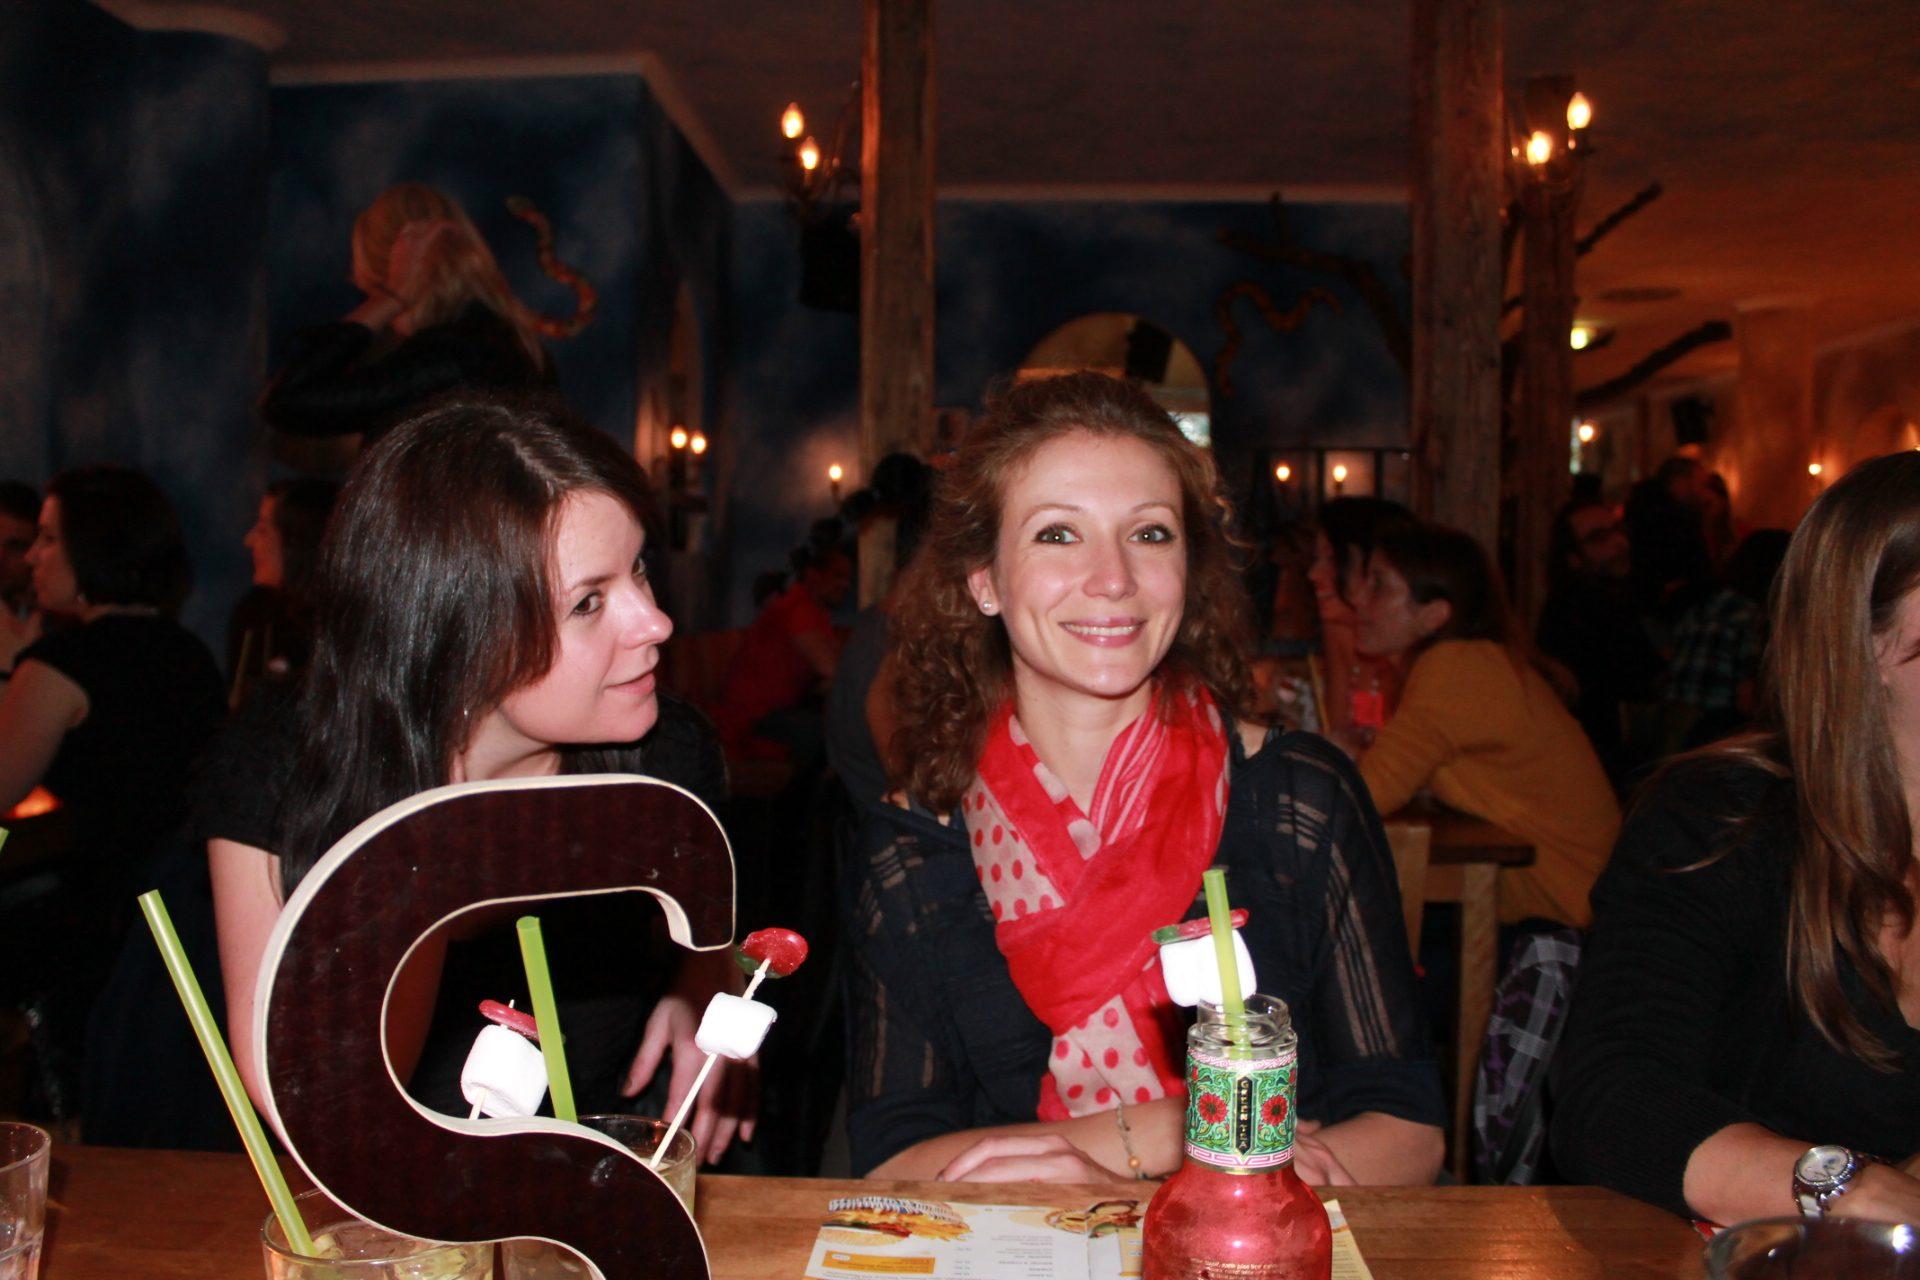 Sonja und Nadine